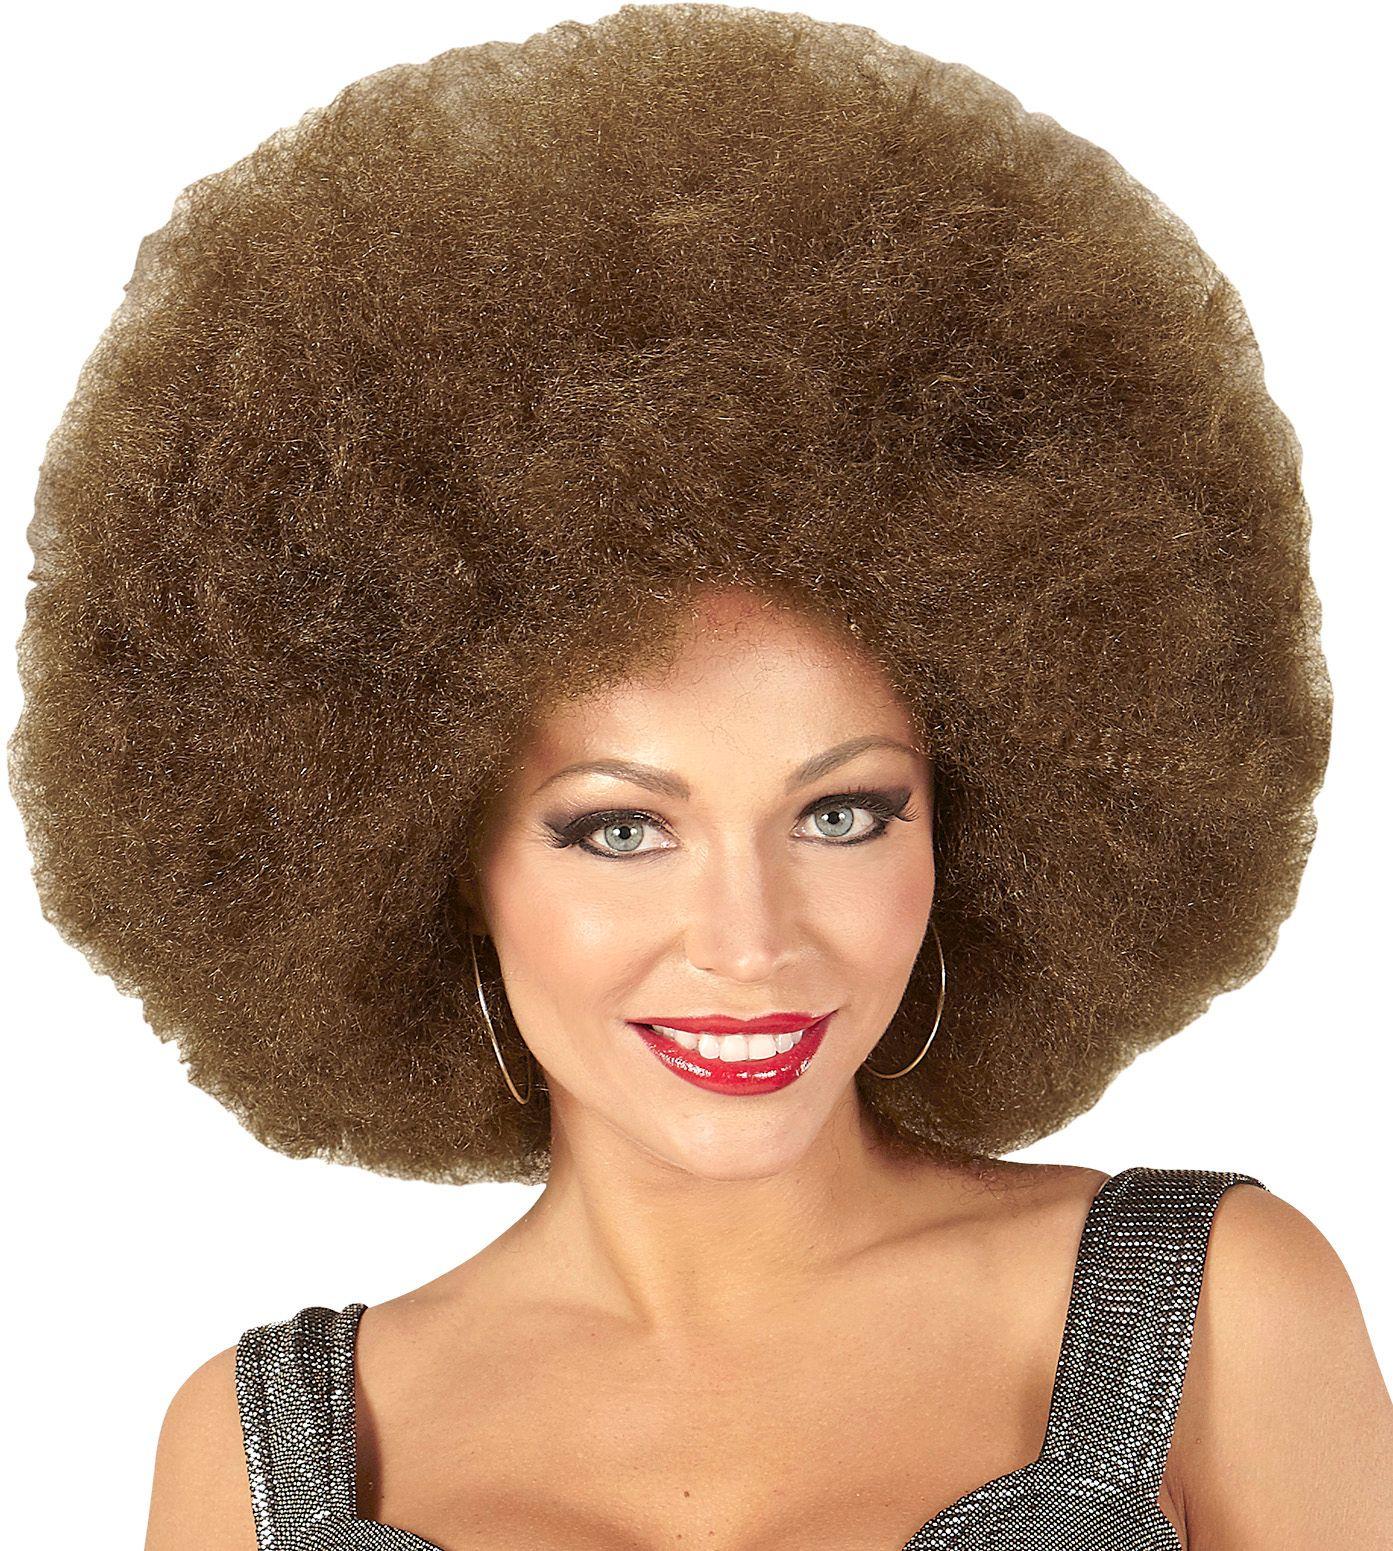 Bruine afro pruik extra groot